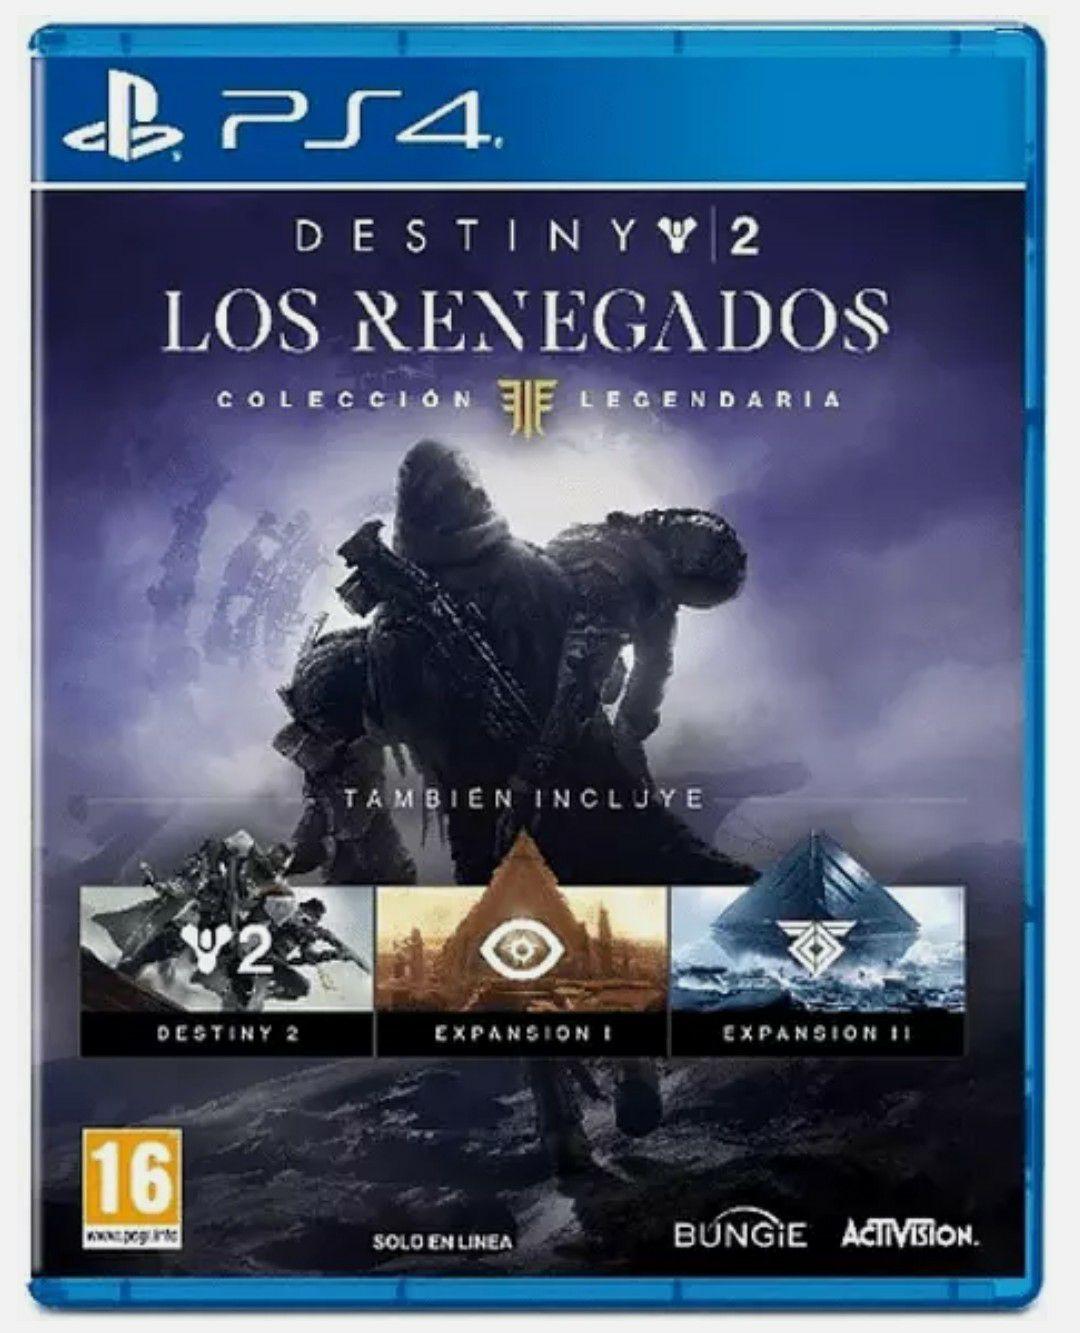 Destiny 2 los renegados PlayStation 4